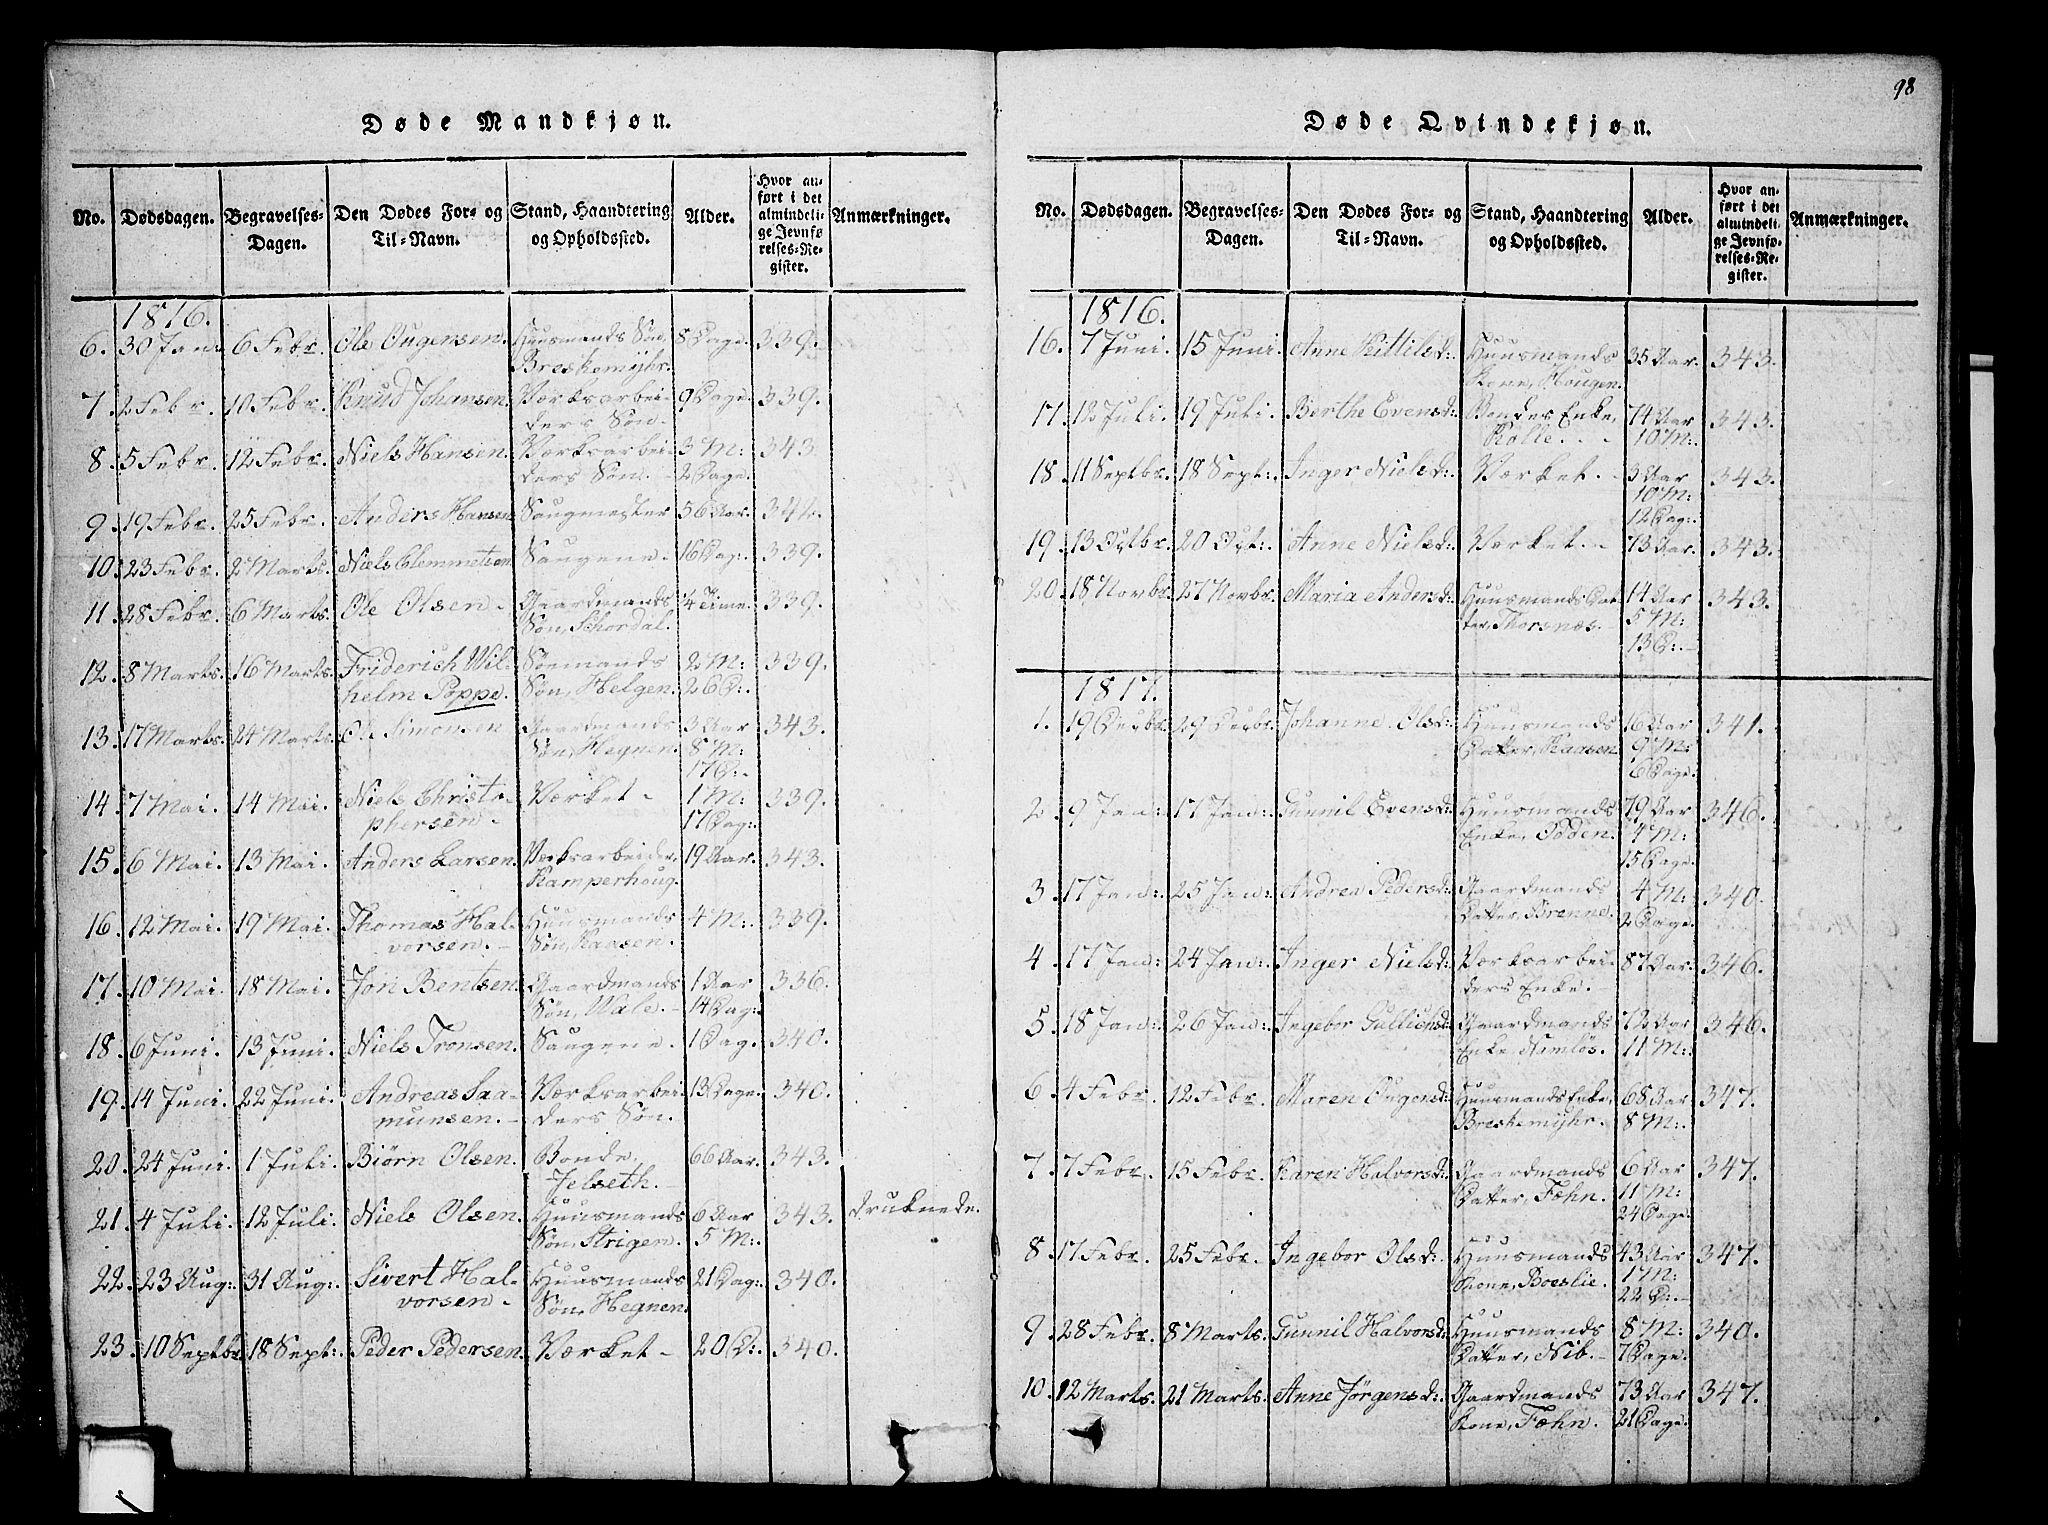 SAKO, Holla kirkebøker, G/Ga/L0001: Klokkerbok nr. I 1, 1814-1830, s. 98